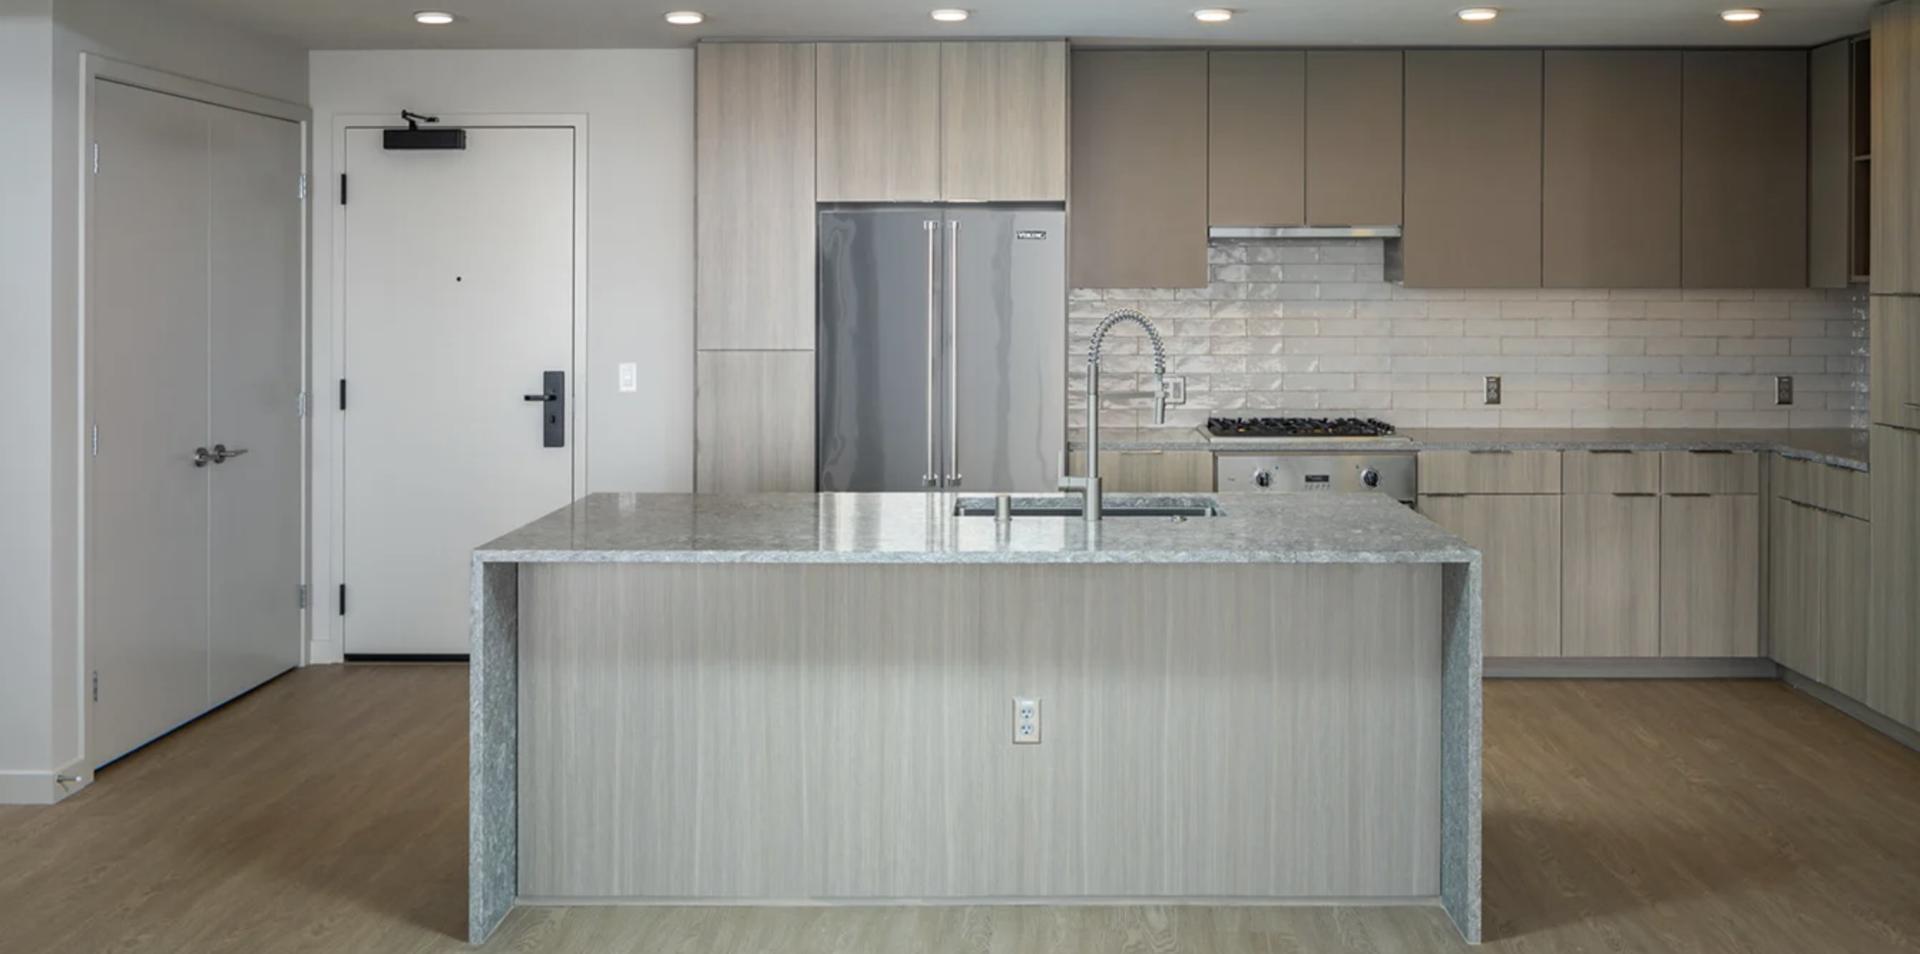 601 11th Avenue #1103, San Diego, CA - $4,595 USD/ month